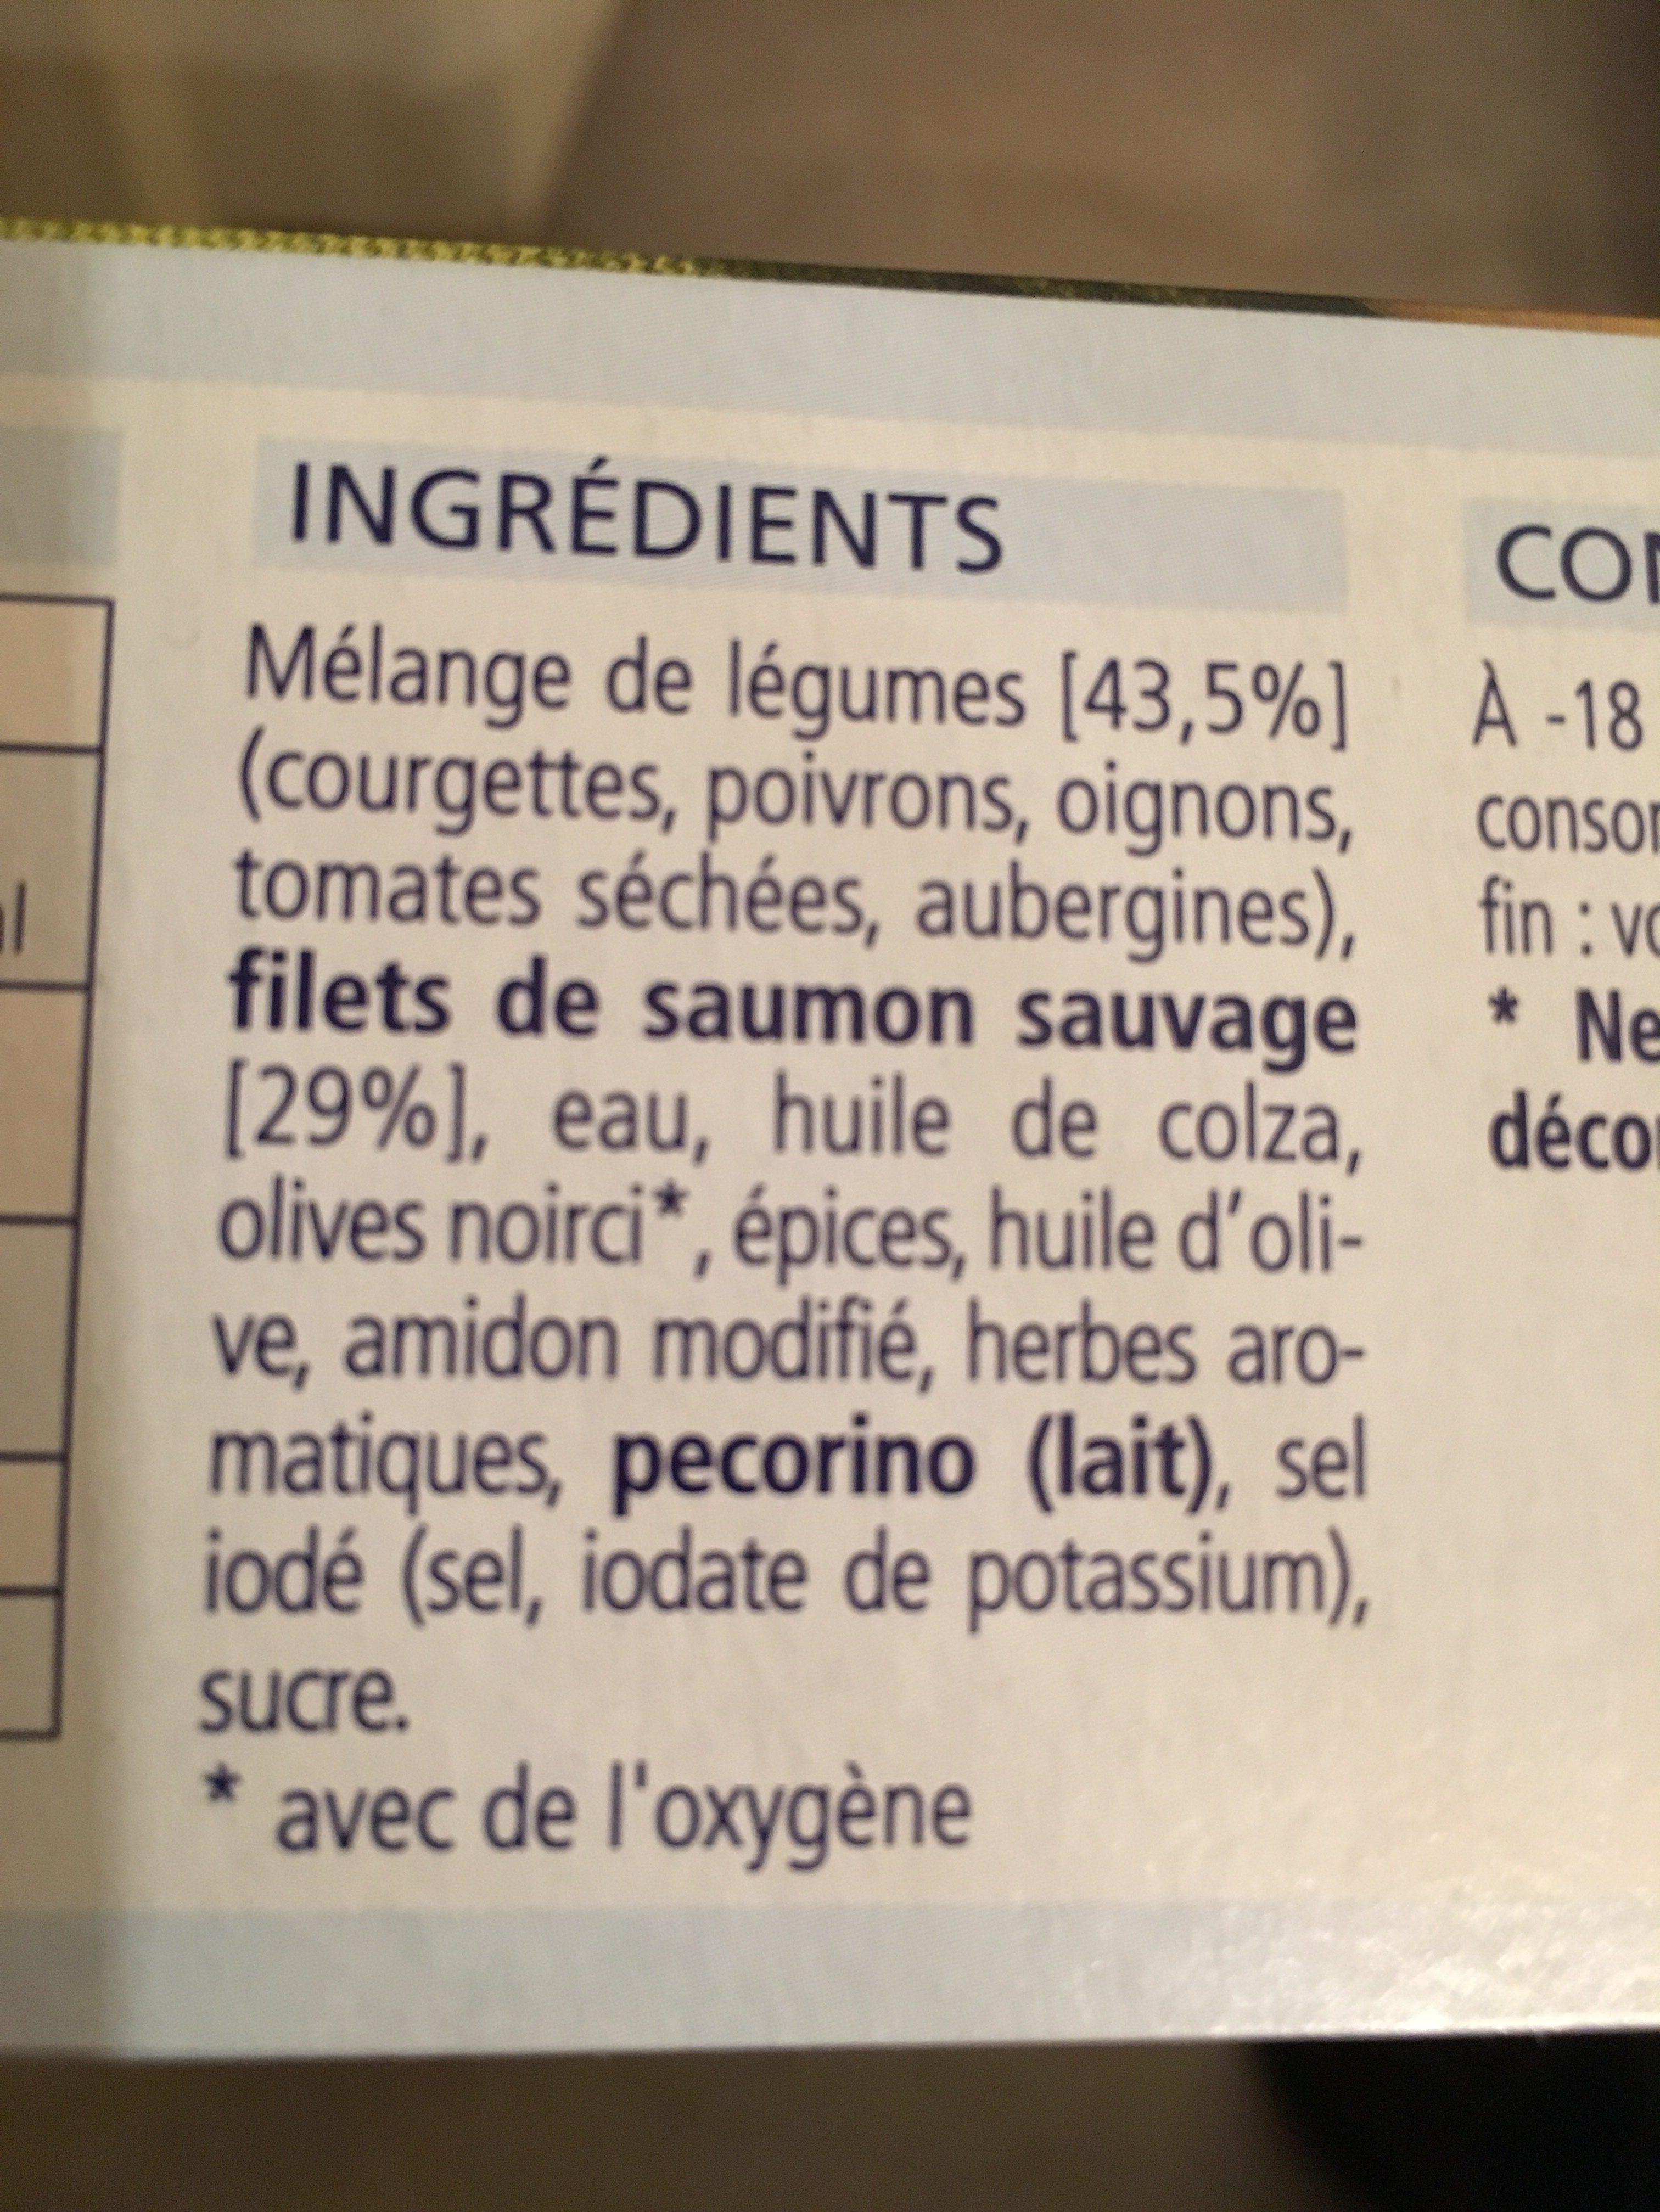 Filet de saumon sauvage - Ingredients - fr